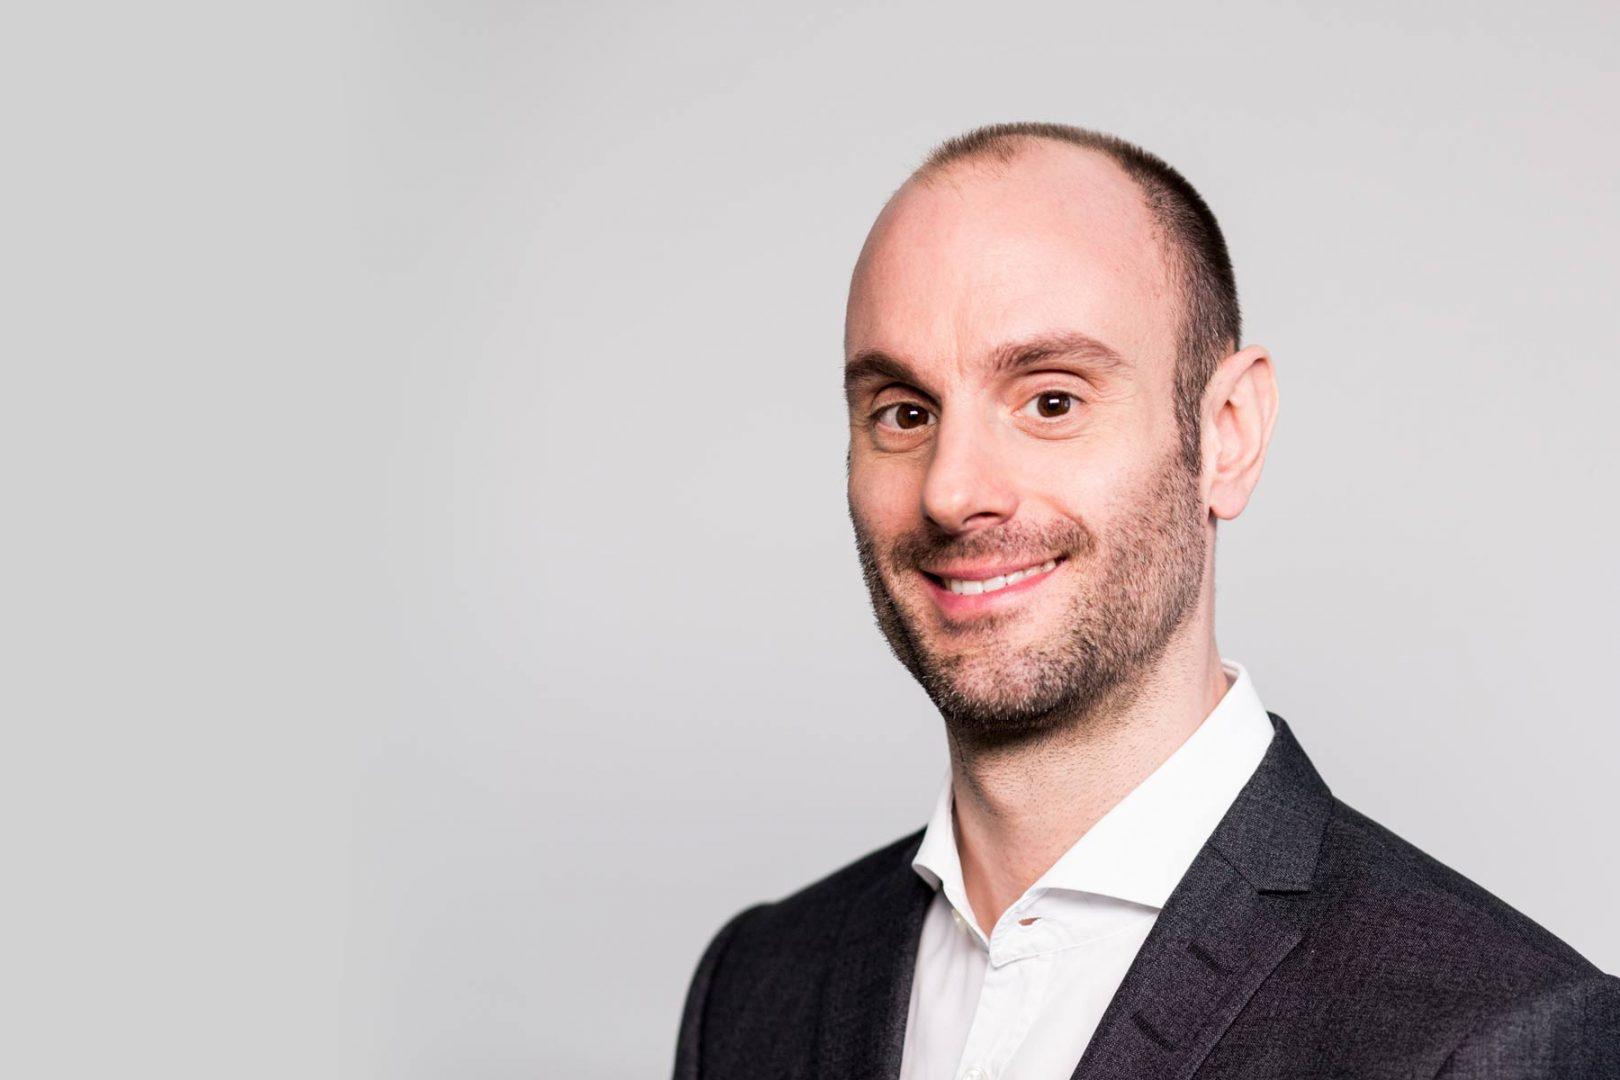 Dr. Markus Bechtold ist Zahnarzt für Parodontologie in Köln und Geschäftsführer der Kölner Zahnarztpraxis ZAHNKULTUR)